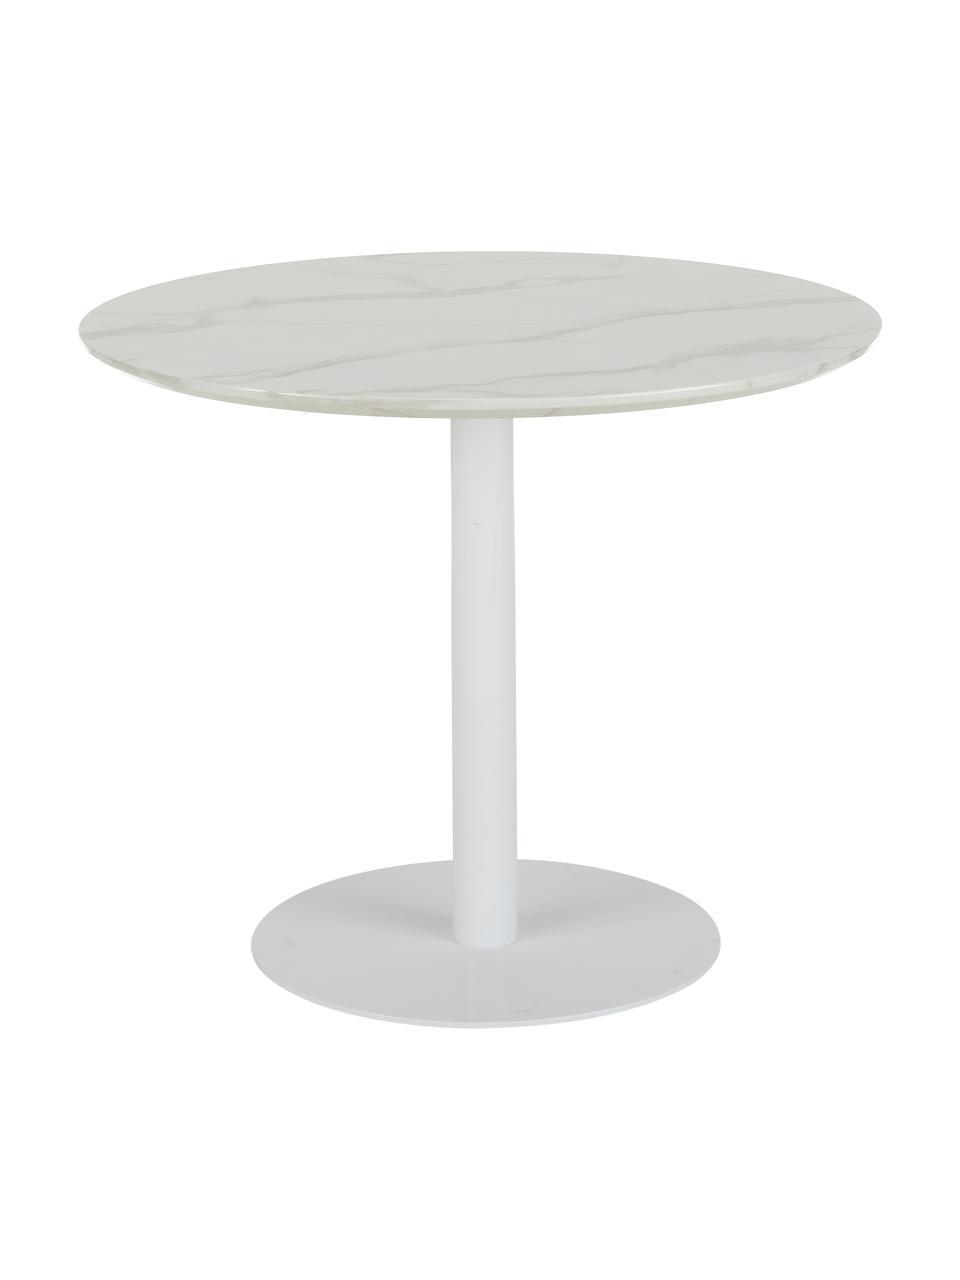 Okrągły stół do jadalni z imitacji marmuru Karla, Blat: płyta pilśniowa średniej , Blat: biały, marmurowy Noga: biały, matowy, Ø 90 x W 75 cm